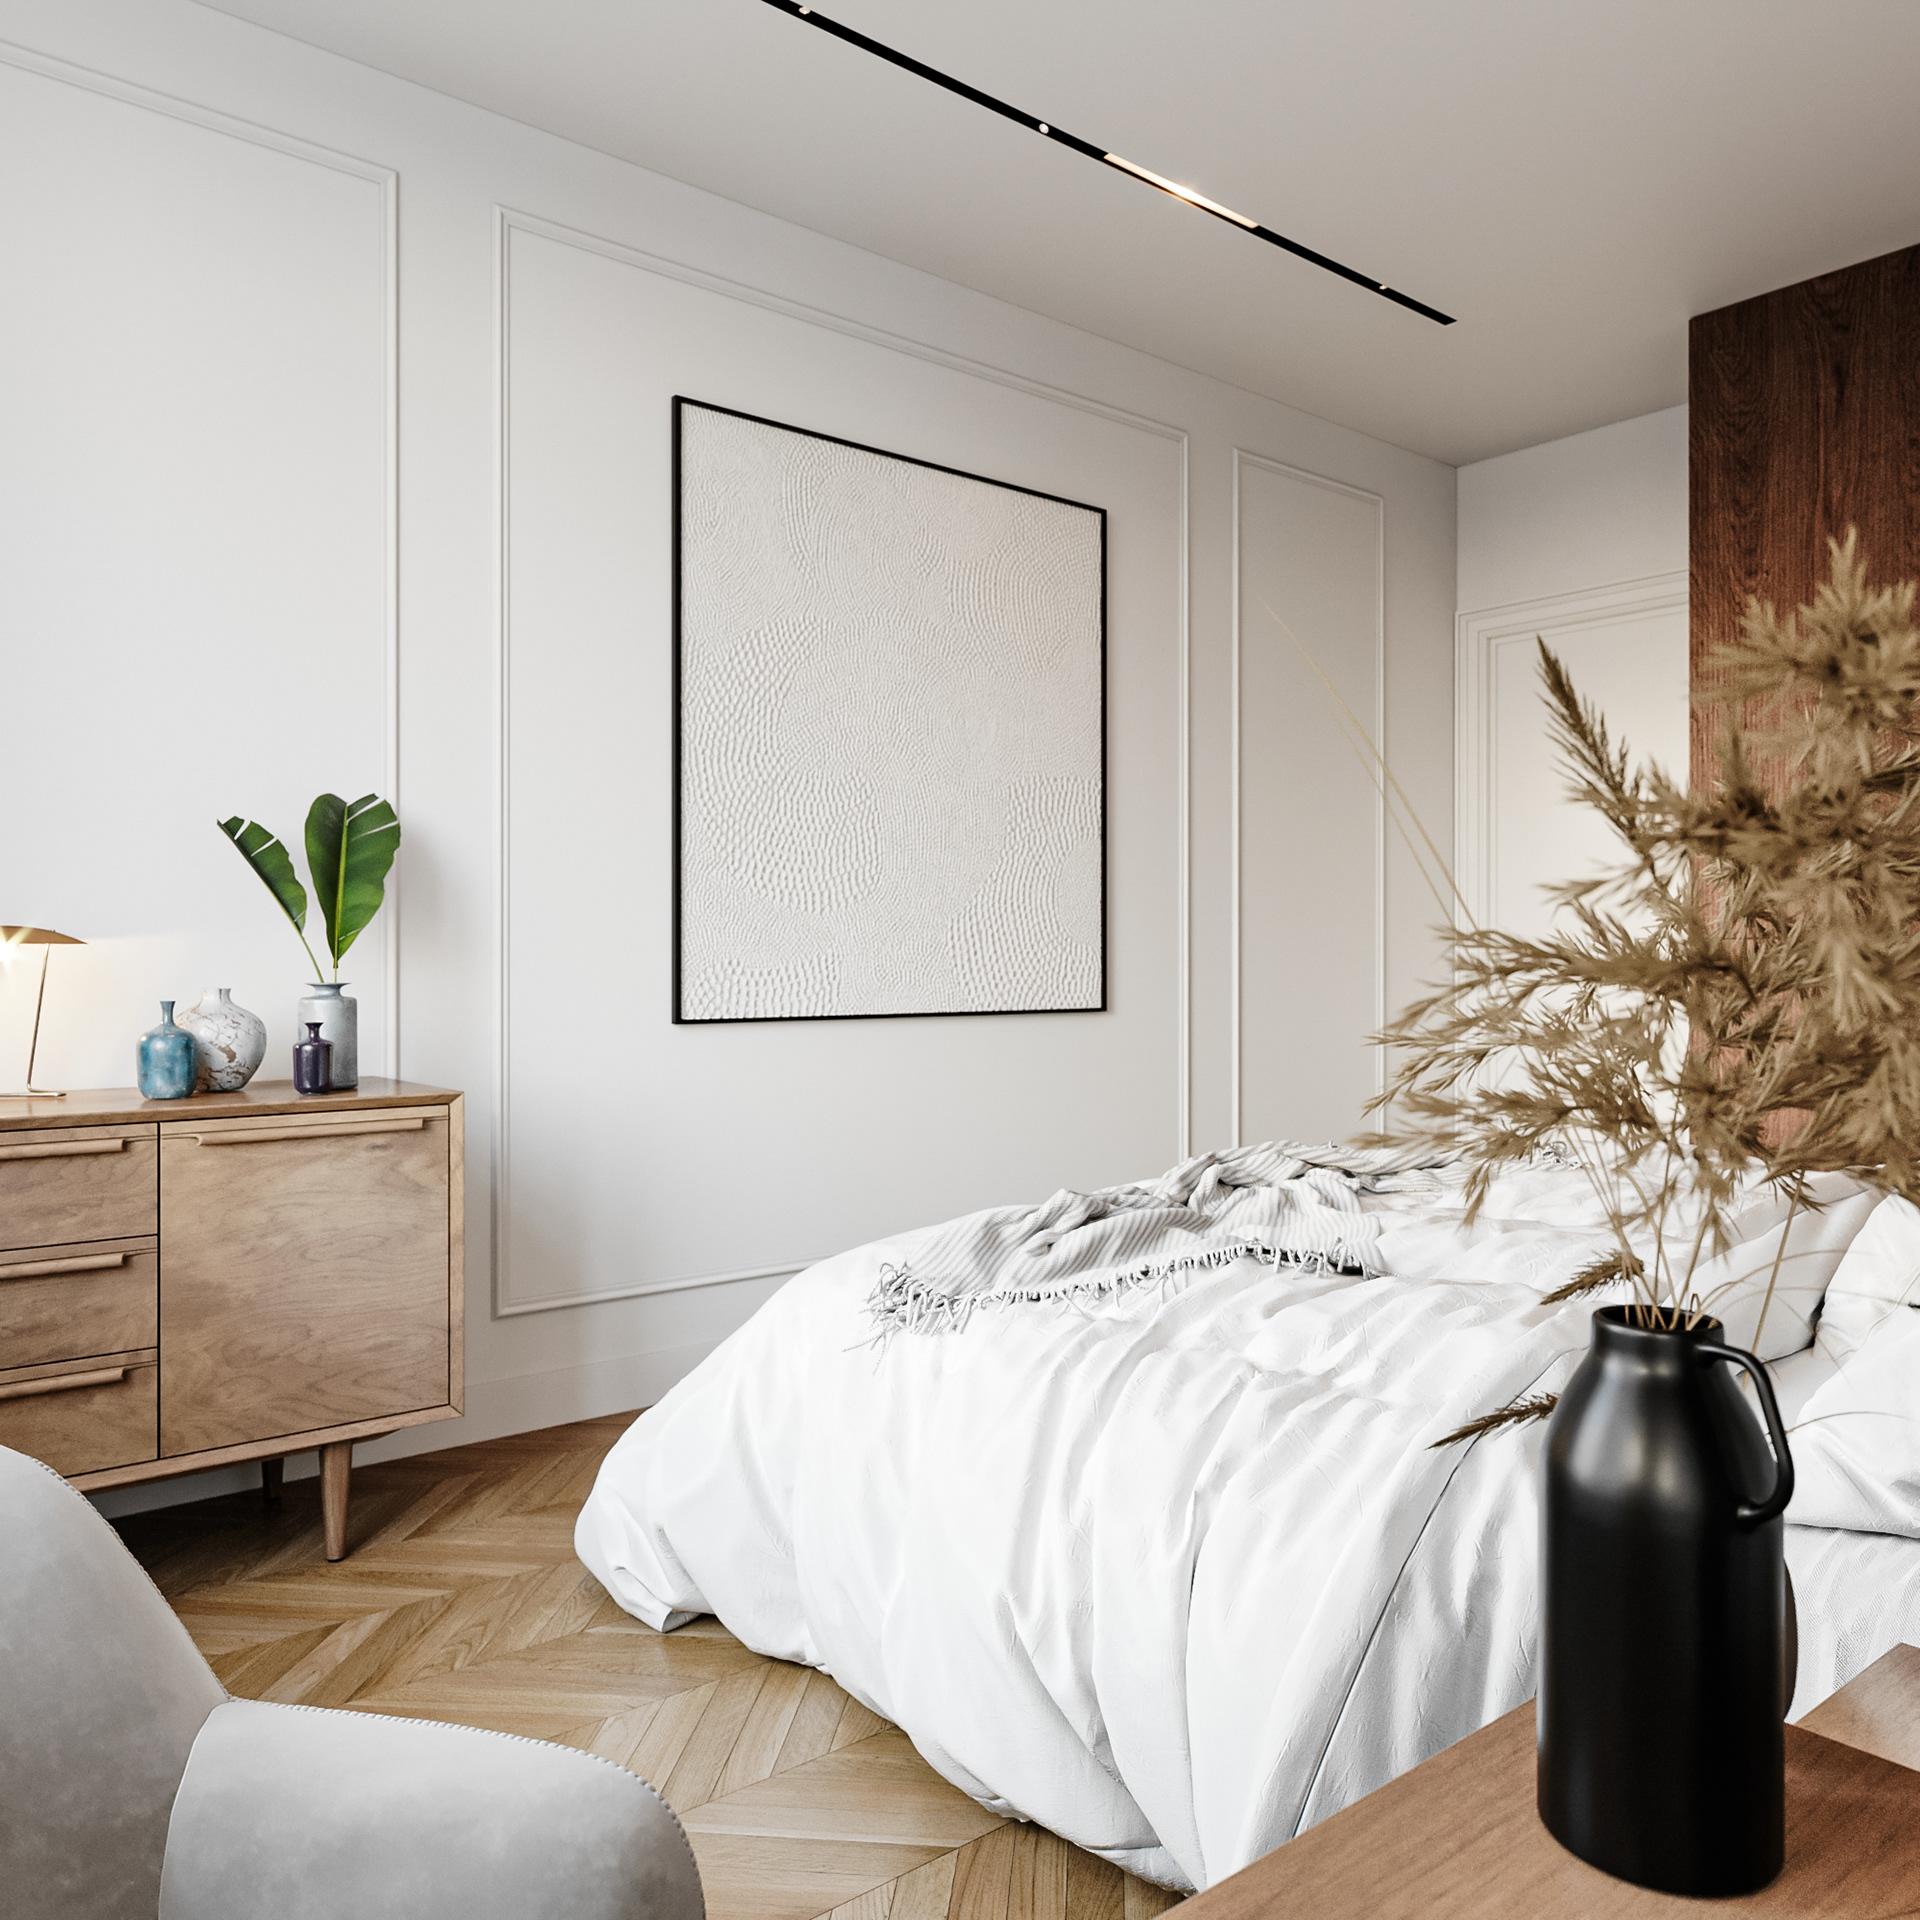 Kiến trúc sư tư vấn thiết kế căn hộ 67m² dành cho cô gái độc thân chi phí 98,3 triệu đồng  - Ảnh 10.